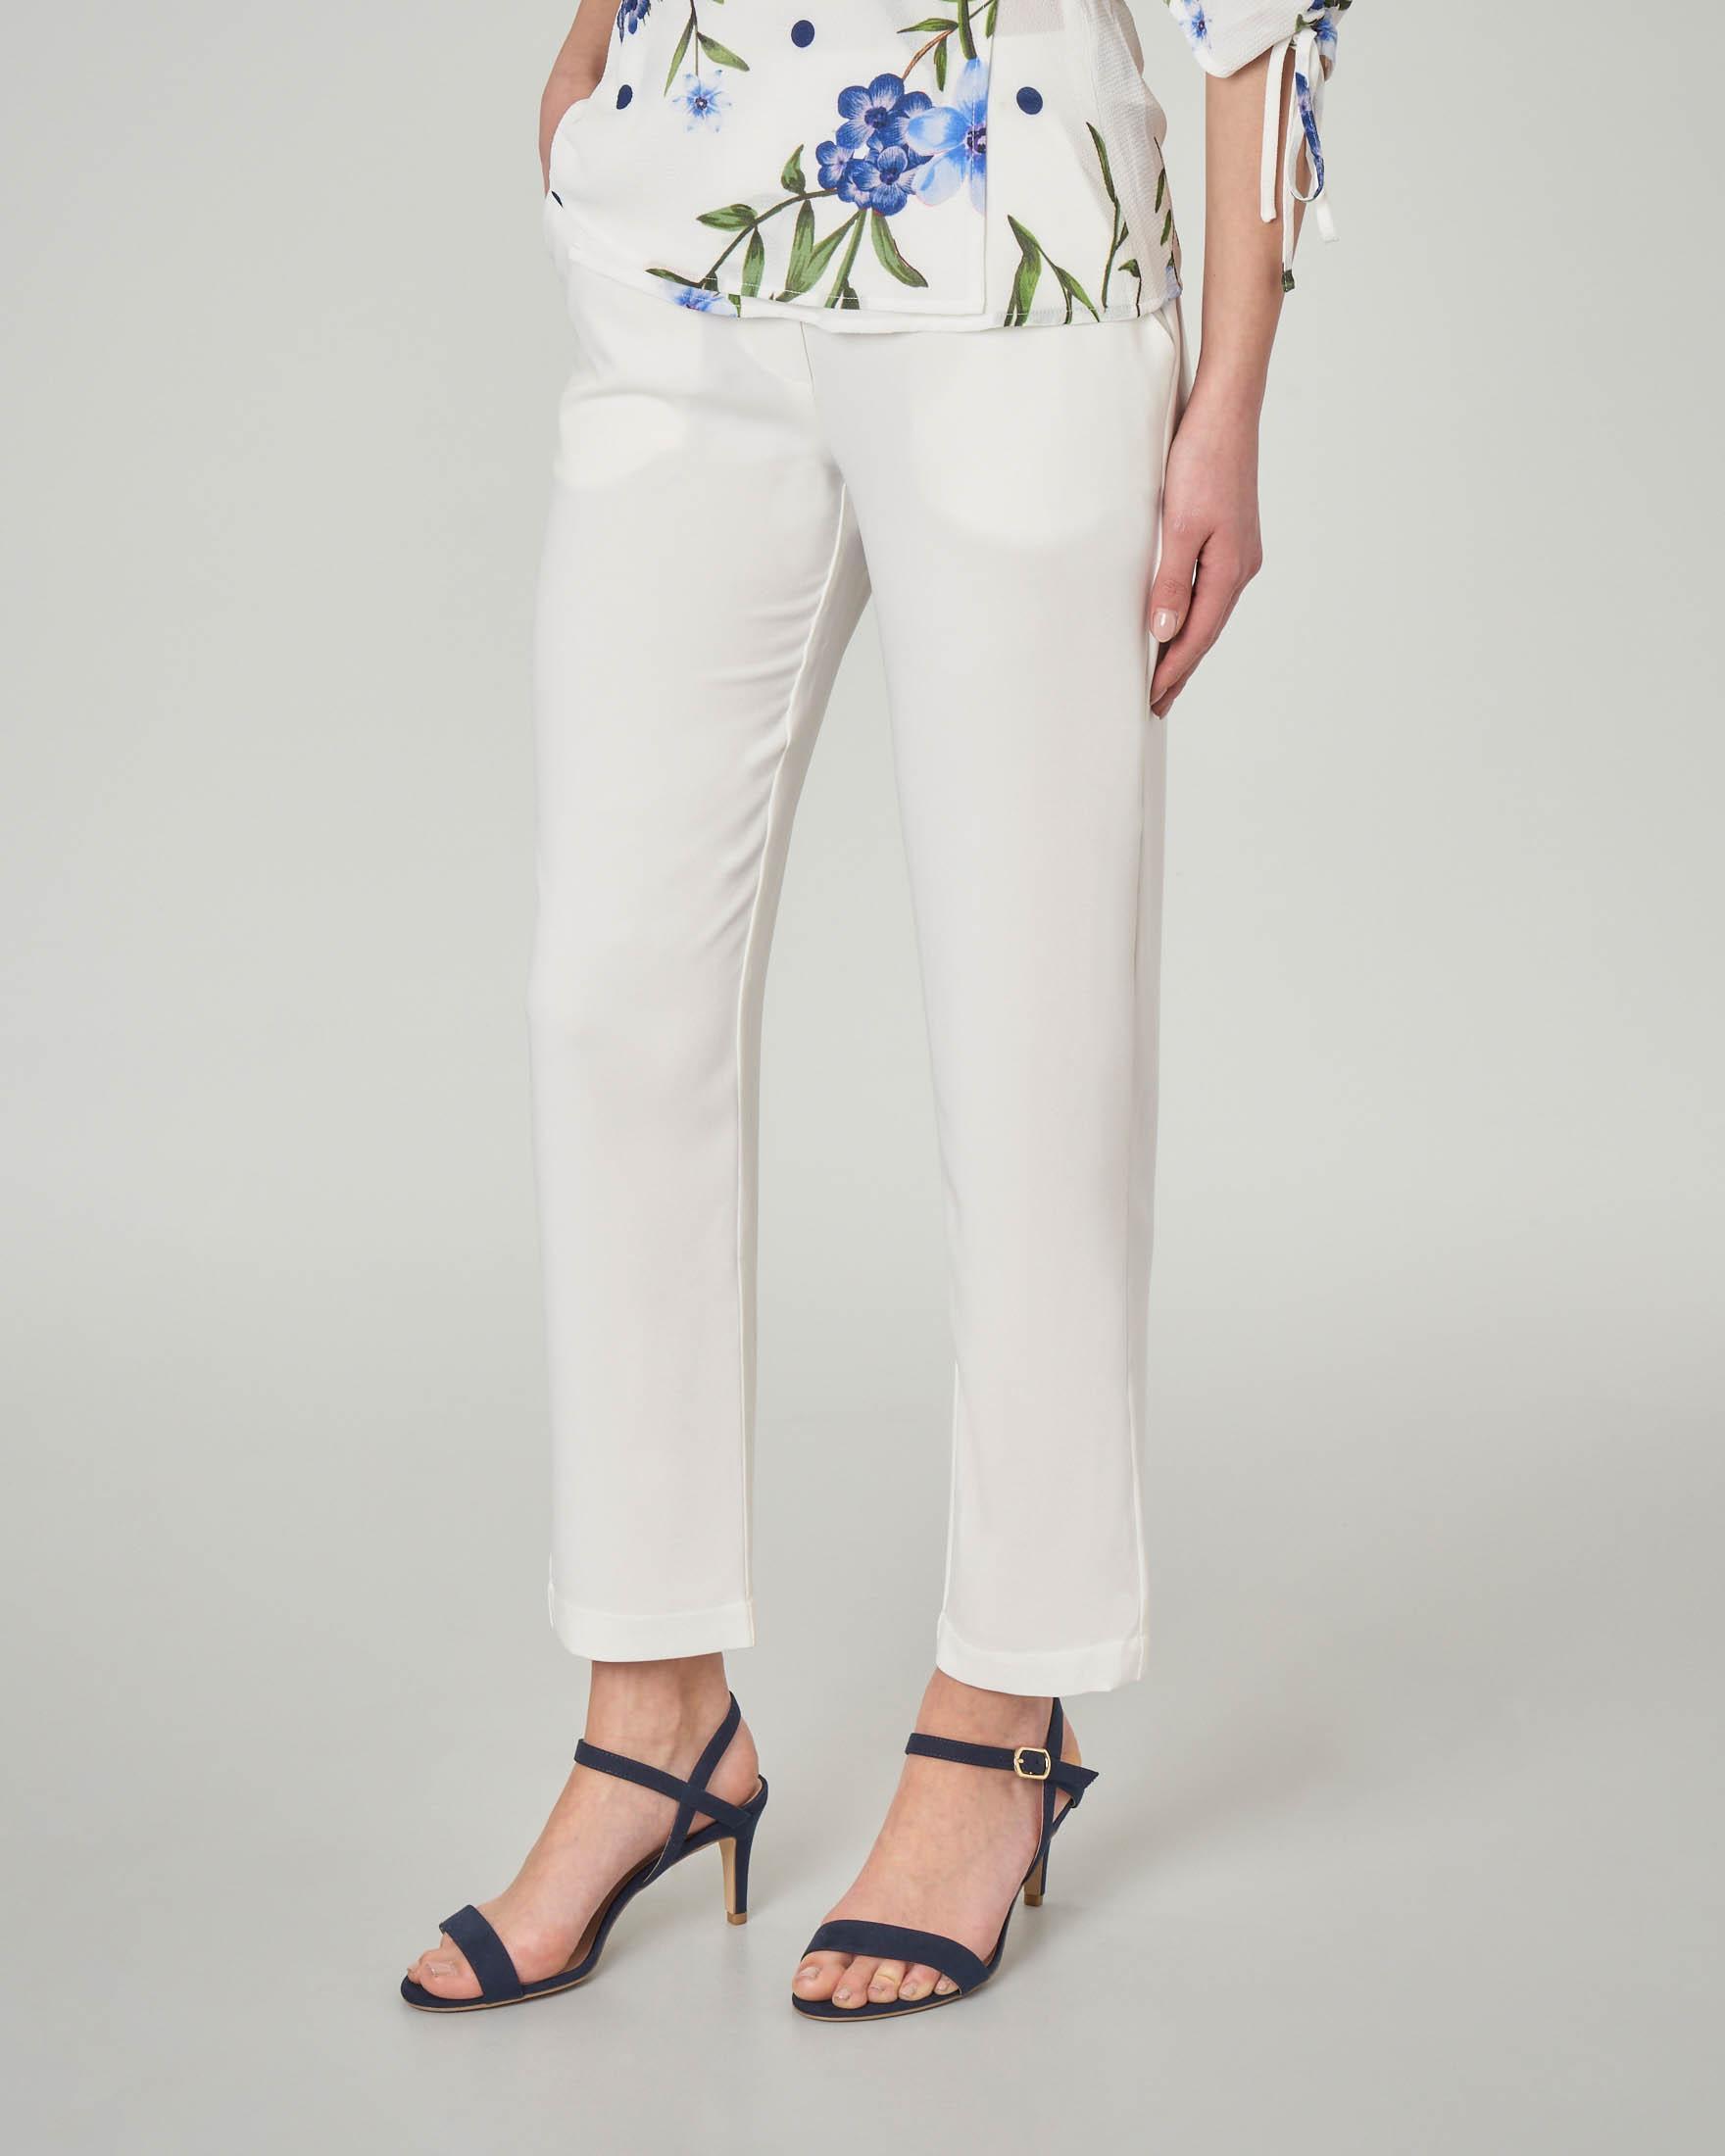 Pantaloni bianchi alla caviglia leggermente elasticizzati